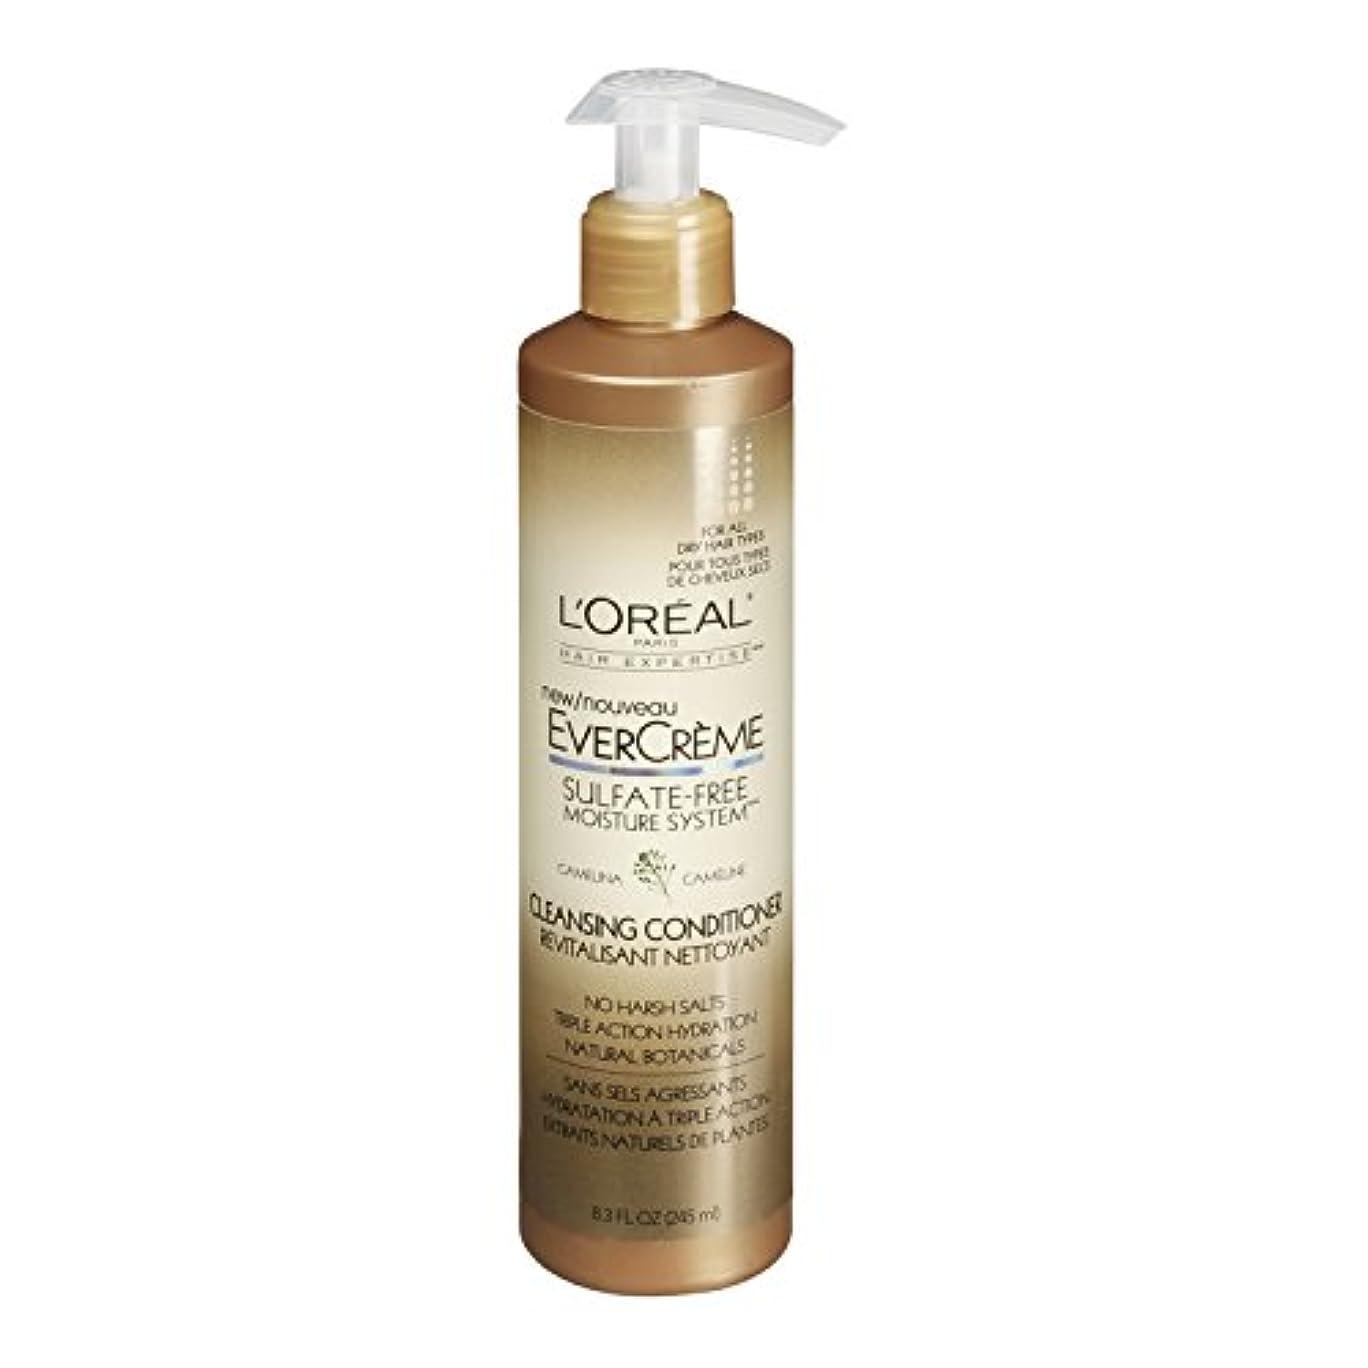 航海の真似る舗装L'Oreal Paris EverCreme Sulfate-Free Moisture System Cleansing Conditioner, 8.3 fl. Oz. by L'Oreal Paris Hair...